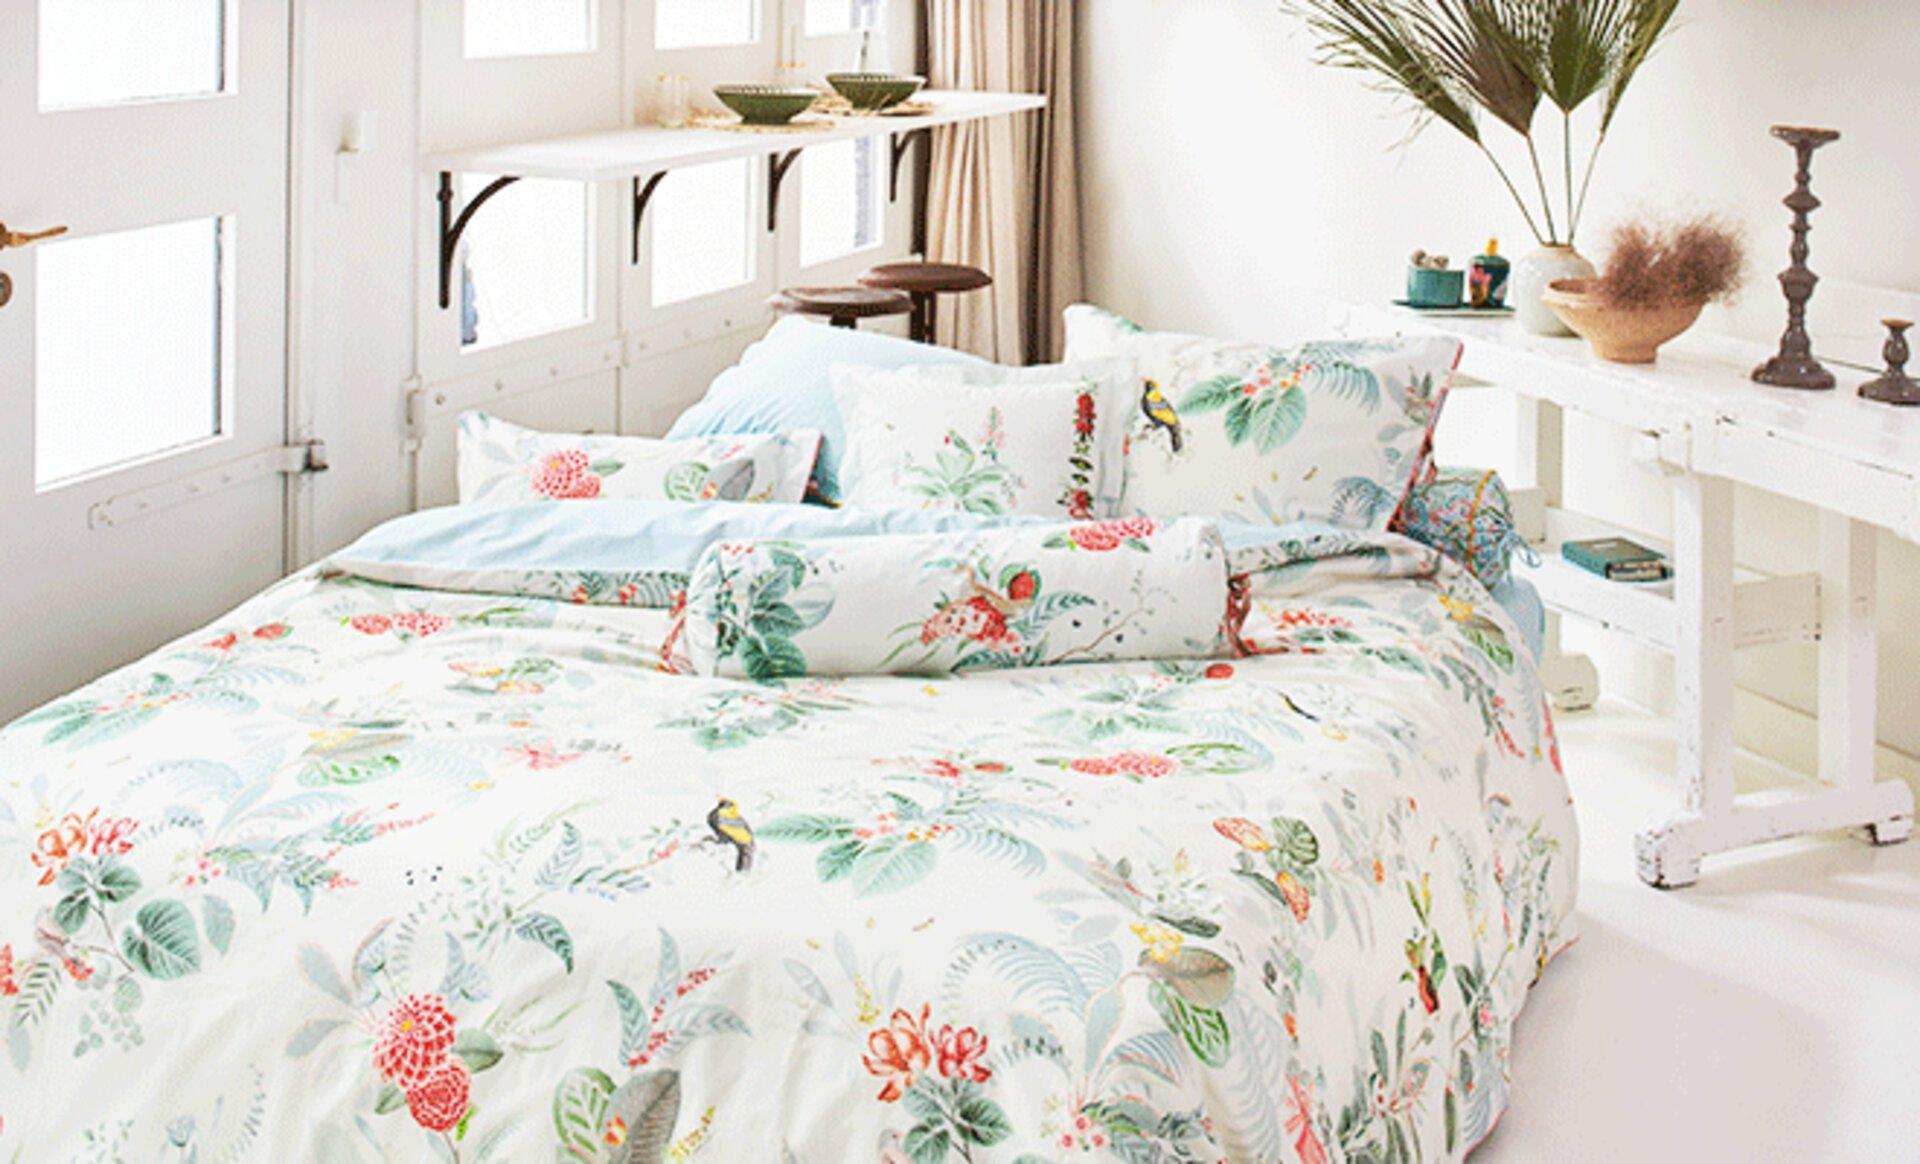 Polsterbett mit hell geblümter Bettwäsche als typisches Bett für das Schlafzimmer im Landhausstil. Dazu Möbel in weiß lasiertem Holz.